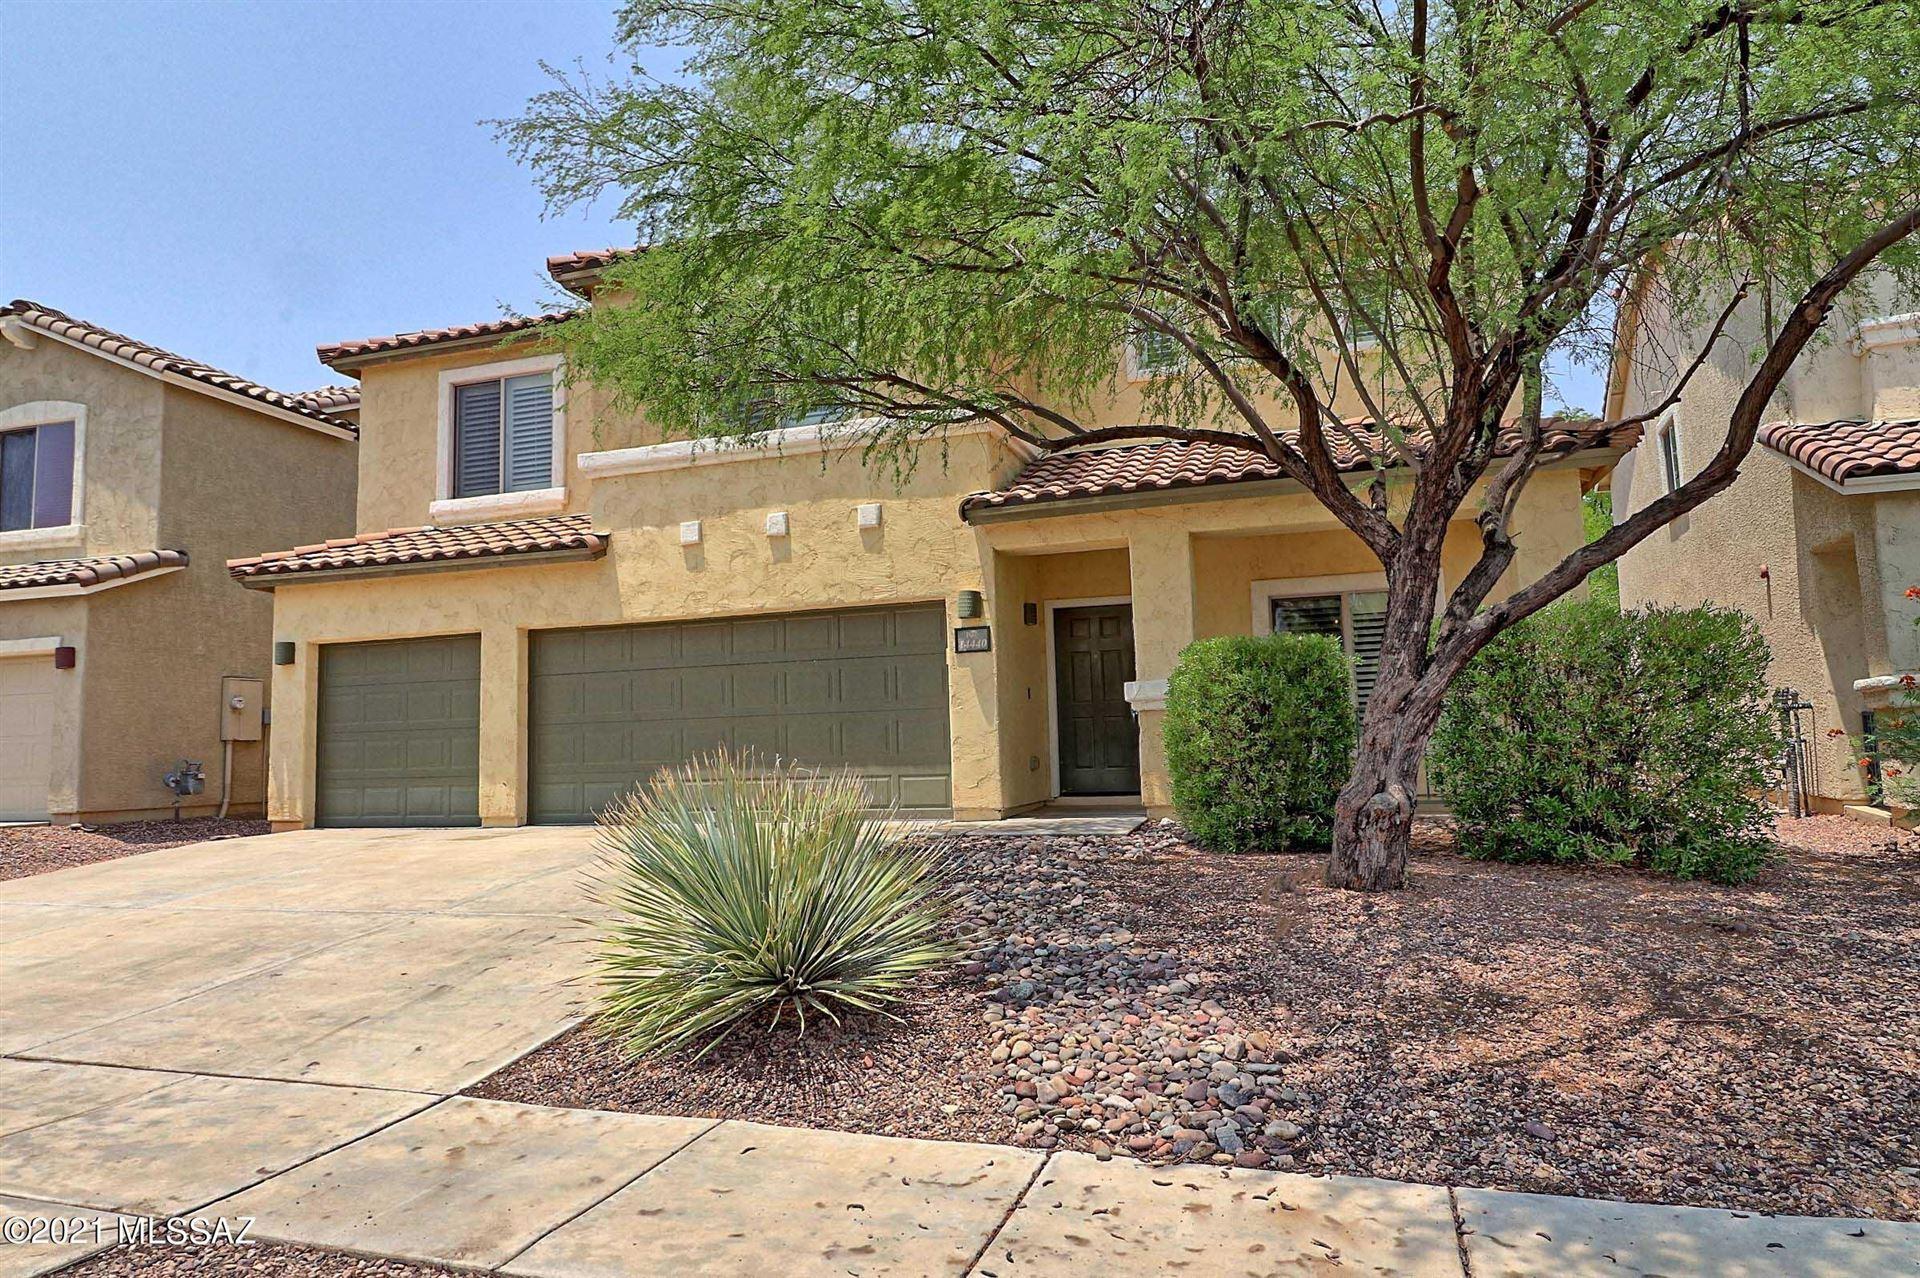 14440 S Via Del Moro, Sahuarita, AZ 85629 - MLS#: 22115355